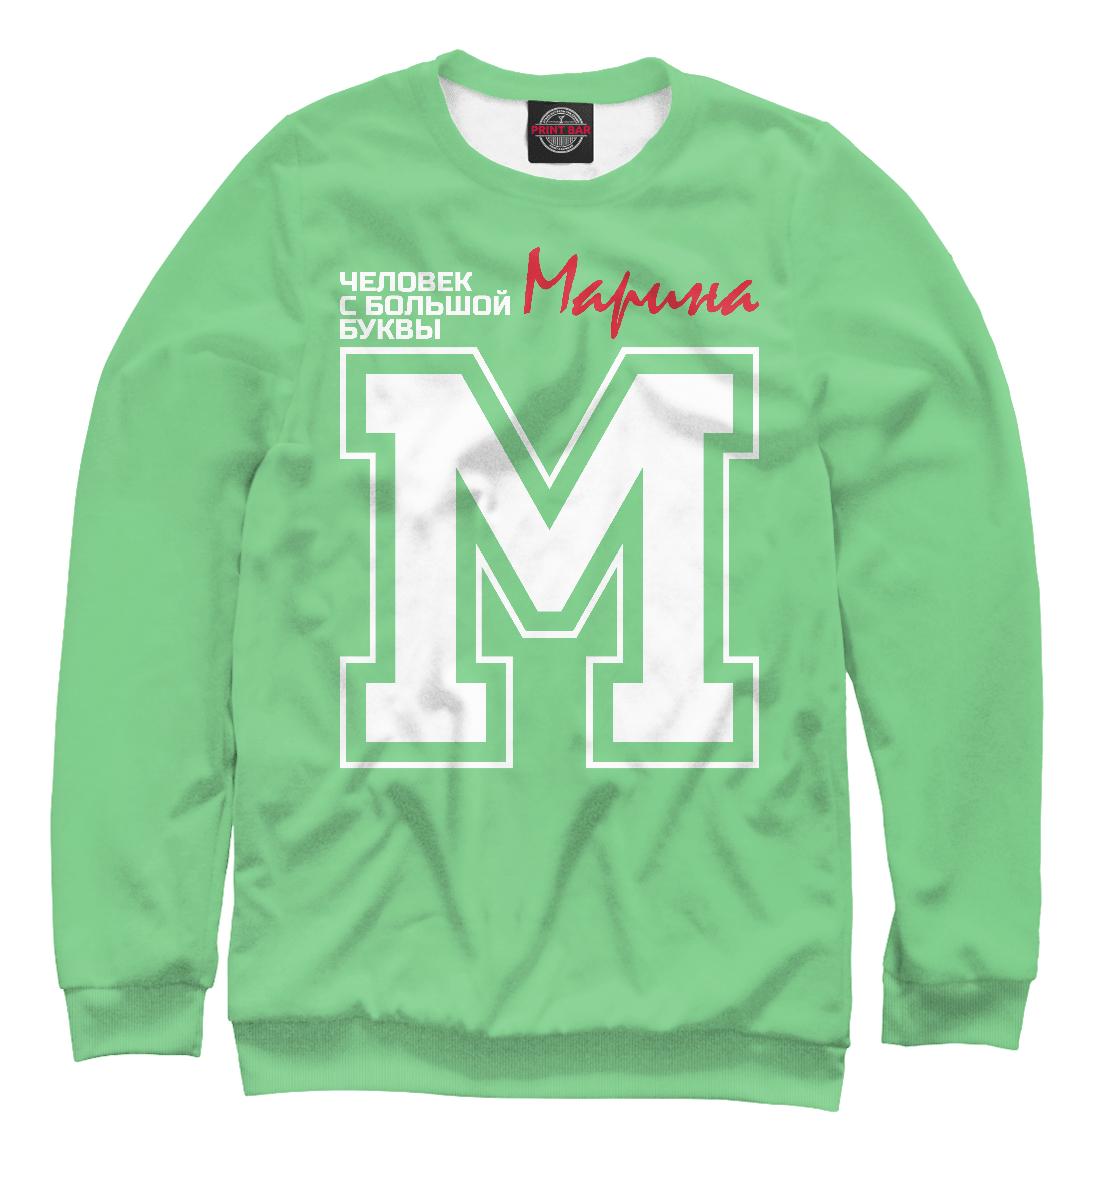 Купить Марина - это человек с большой буквы, Printbar, Свитшоты, IMR-783247-swi-2